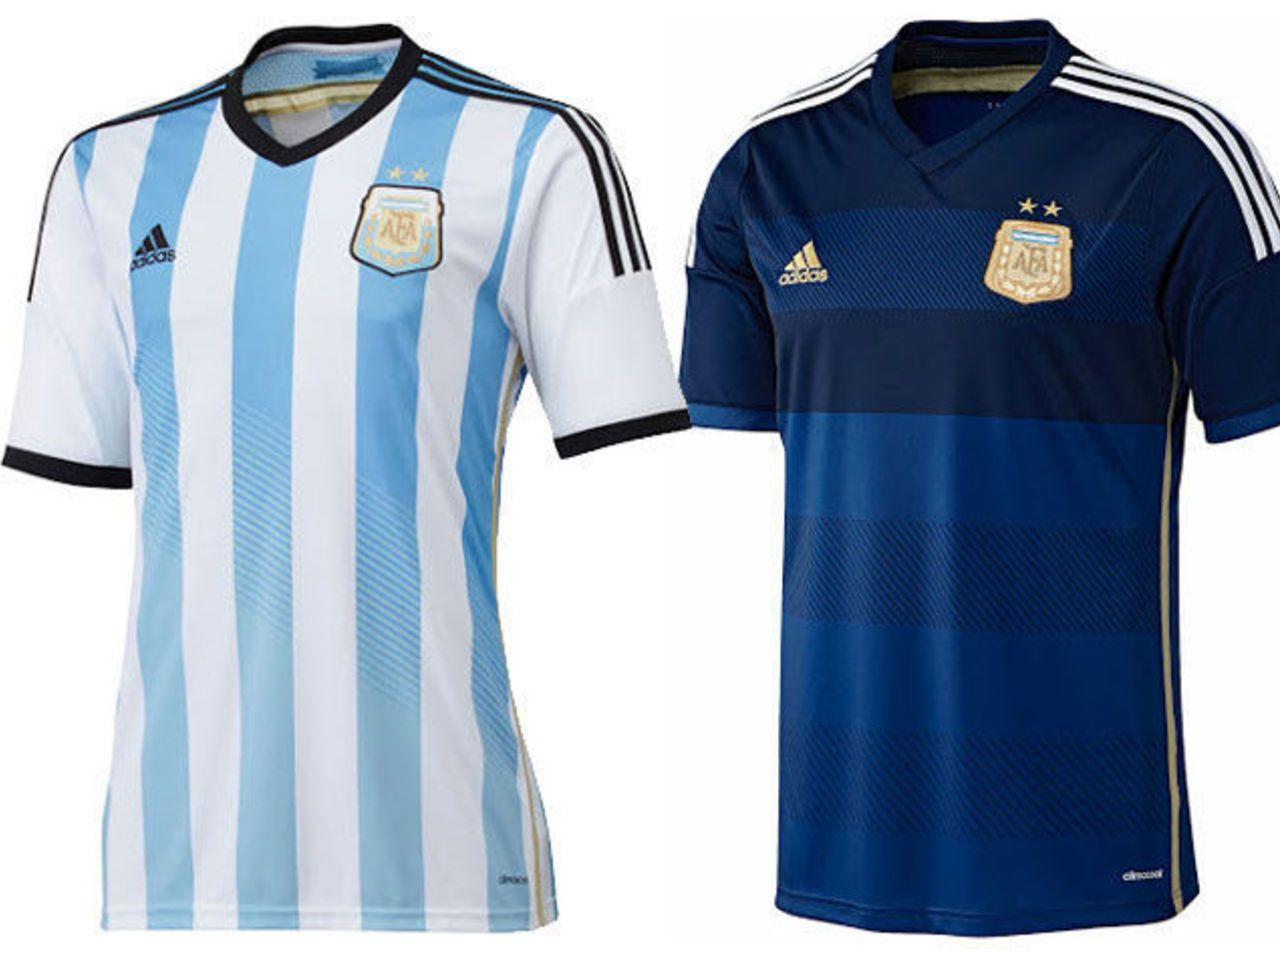 592bc896e00 Éstos son uniformes para el equipo de Argentina | Argentina y Los ...